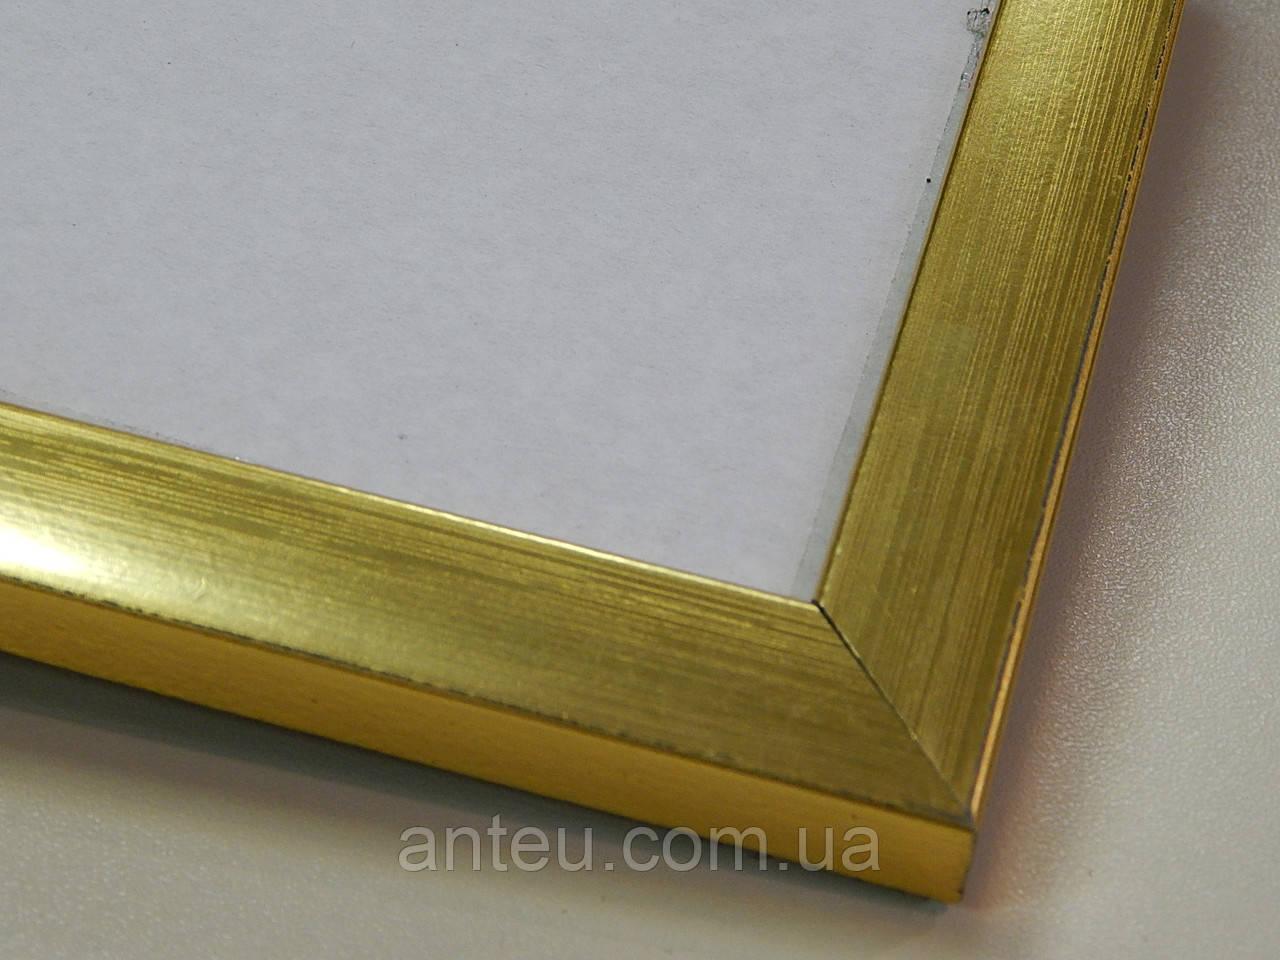 Рамки для дипломов ,грамот,сертификатов. А4 (297х210). 16 мм.Золото.